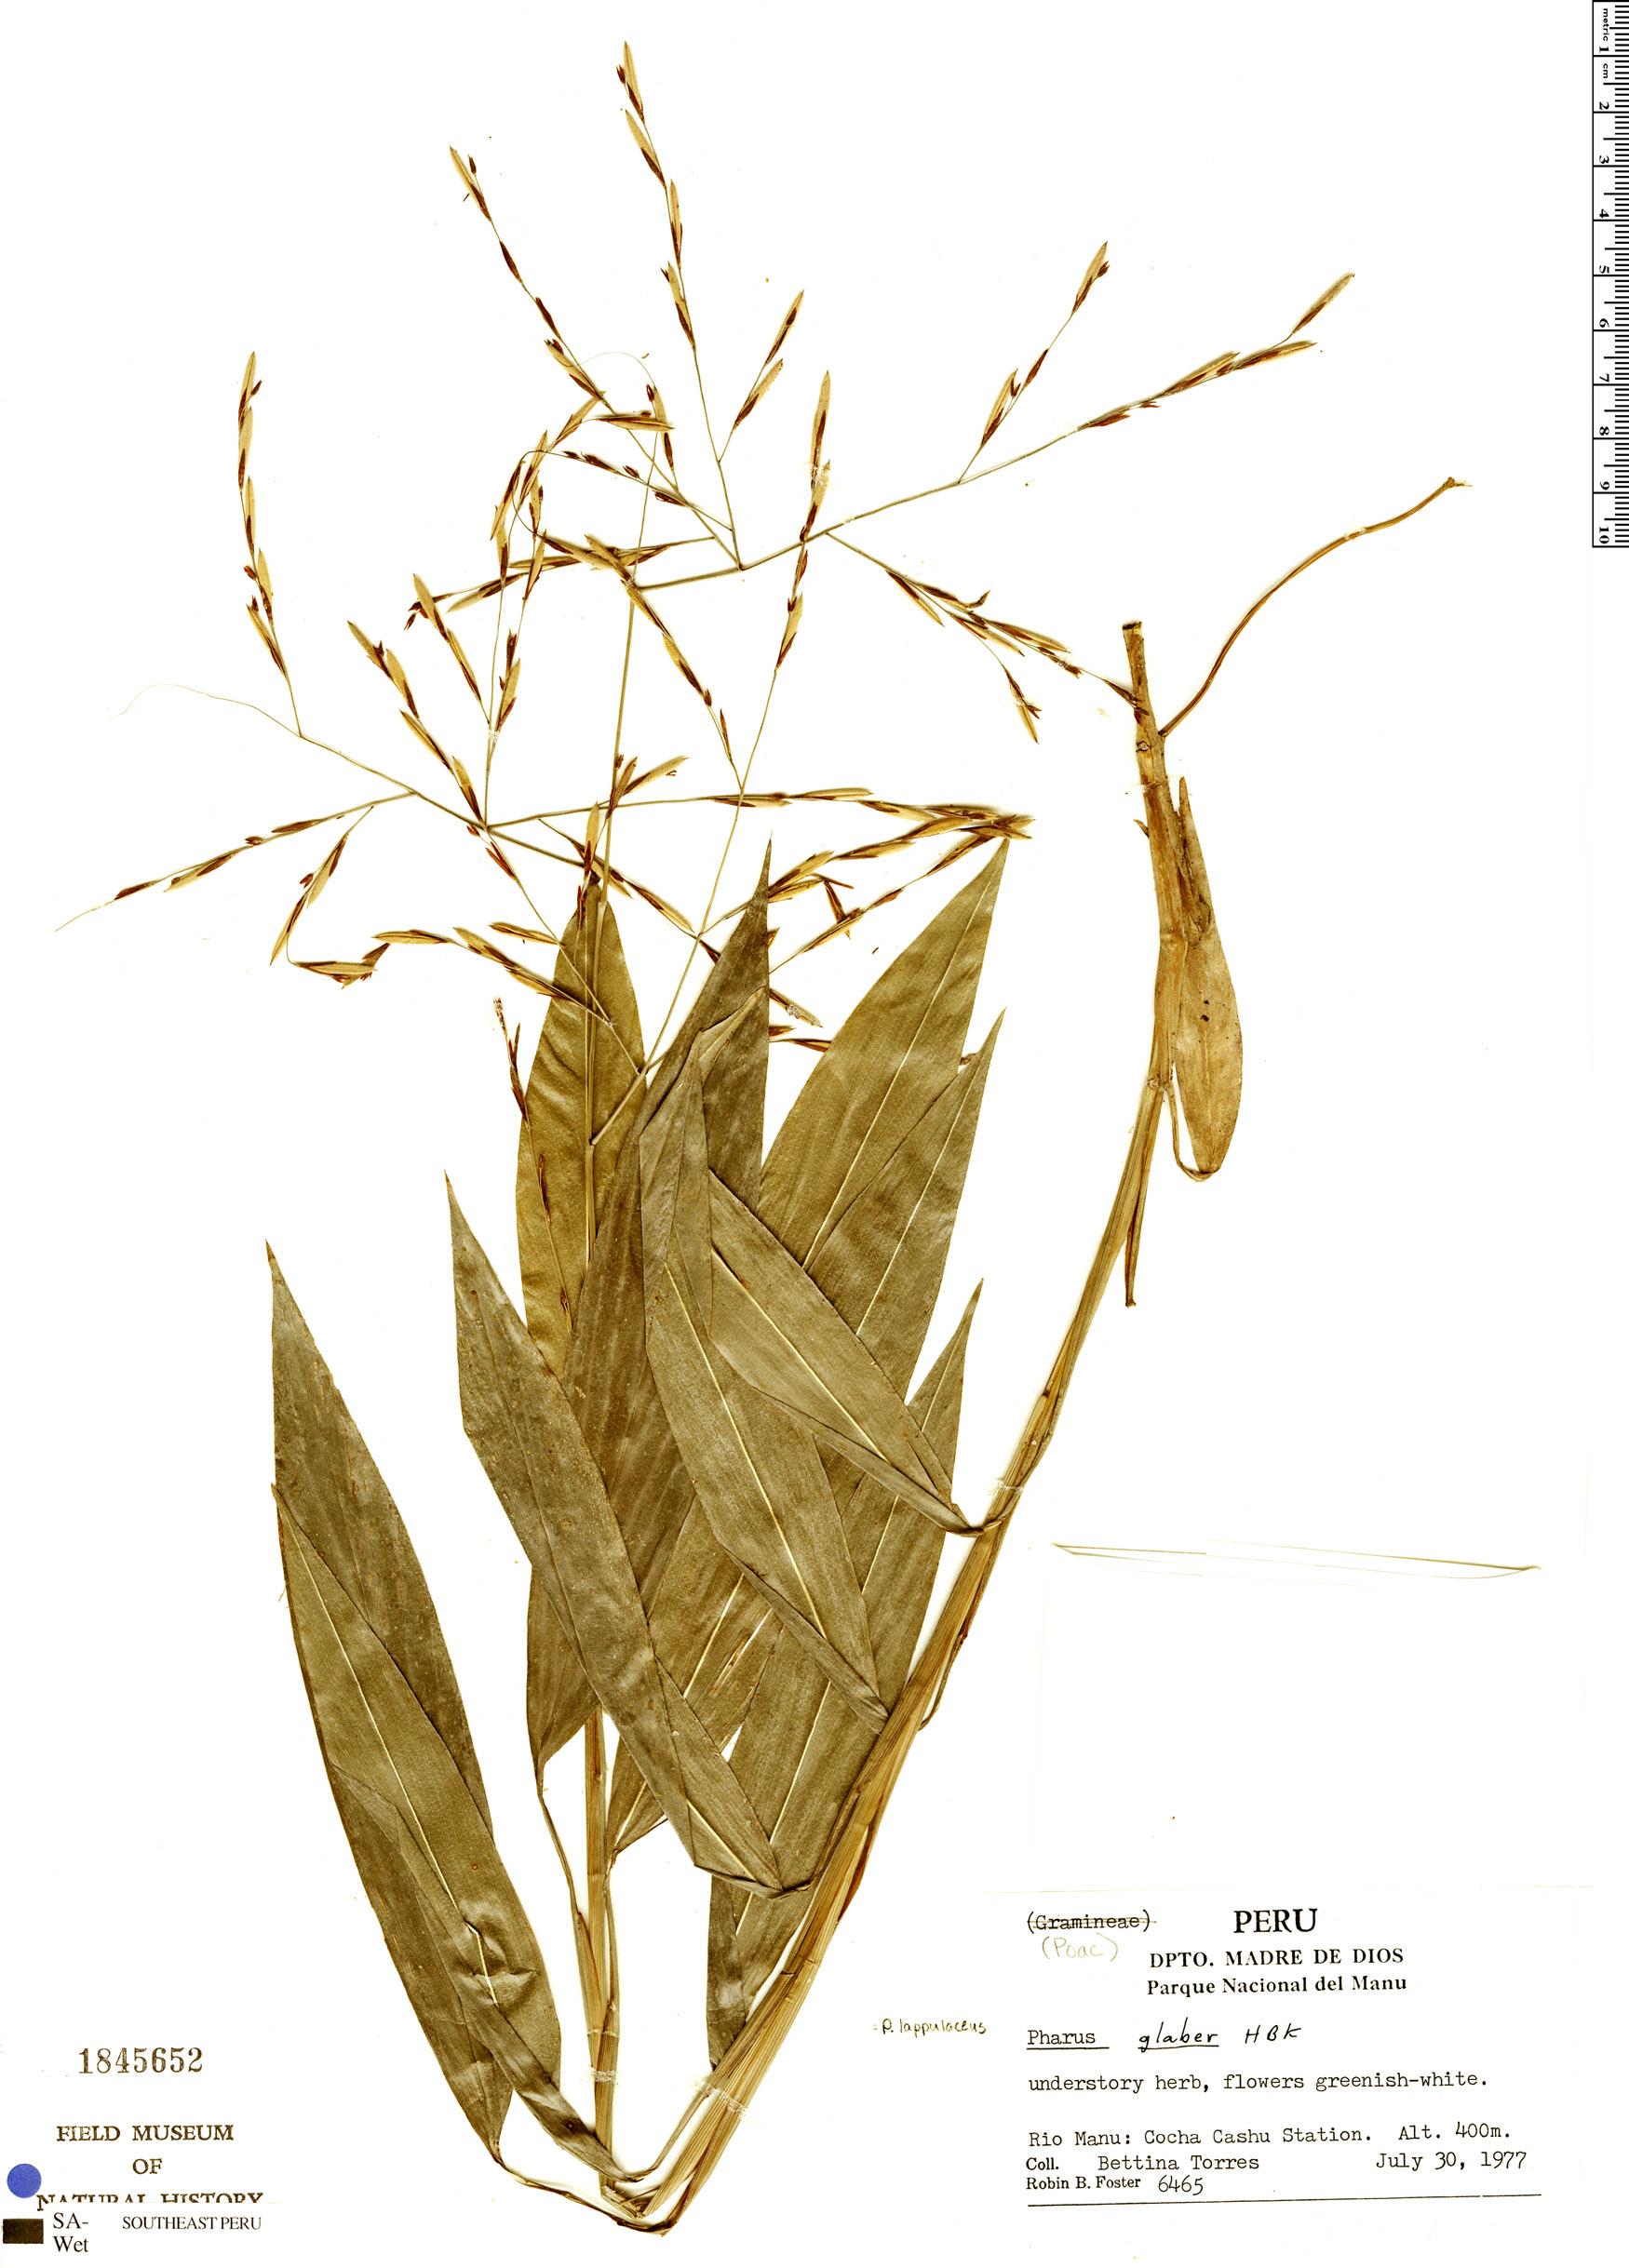 Specimen: Pharus lappulaceus